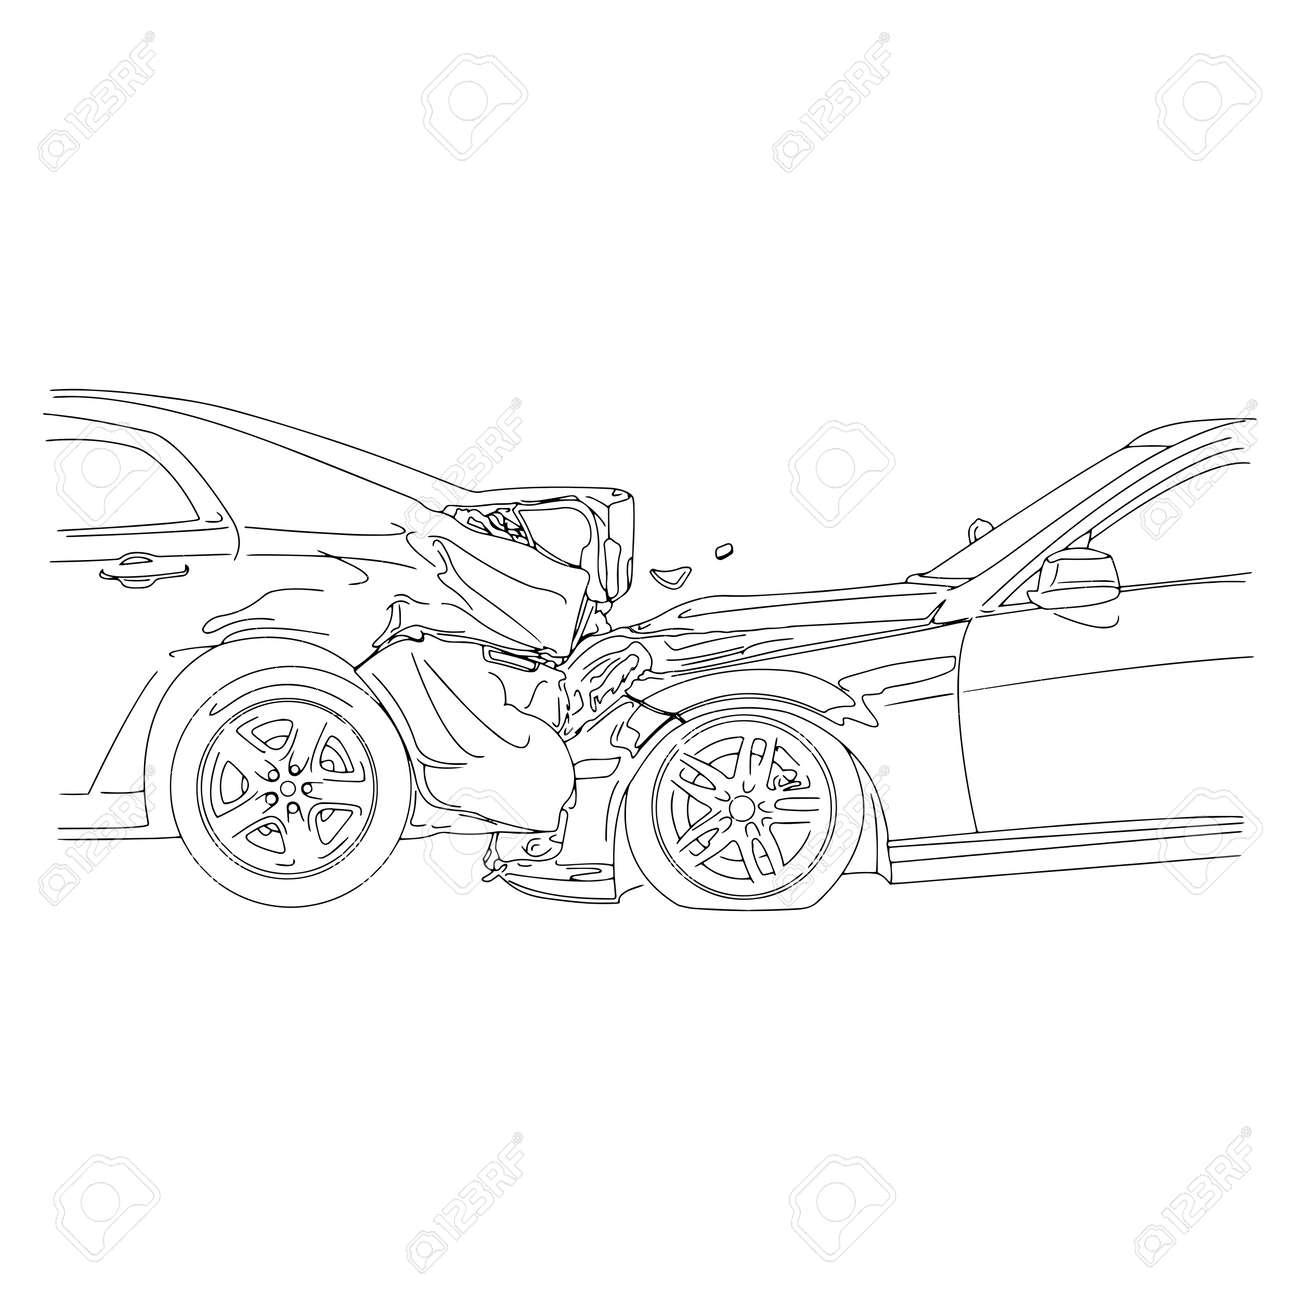 Autounfall Mit Zwei Autos - Vektor-Illustration Skizzieren Skizze ...